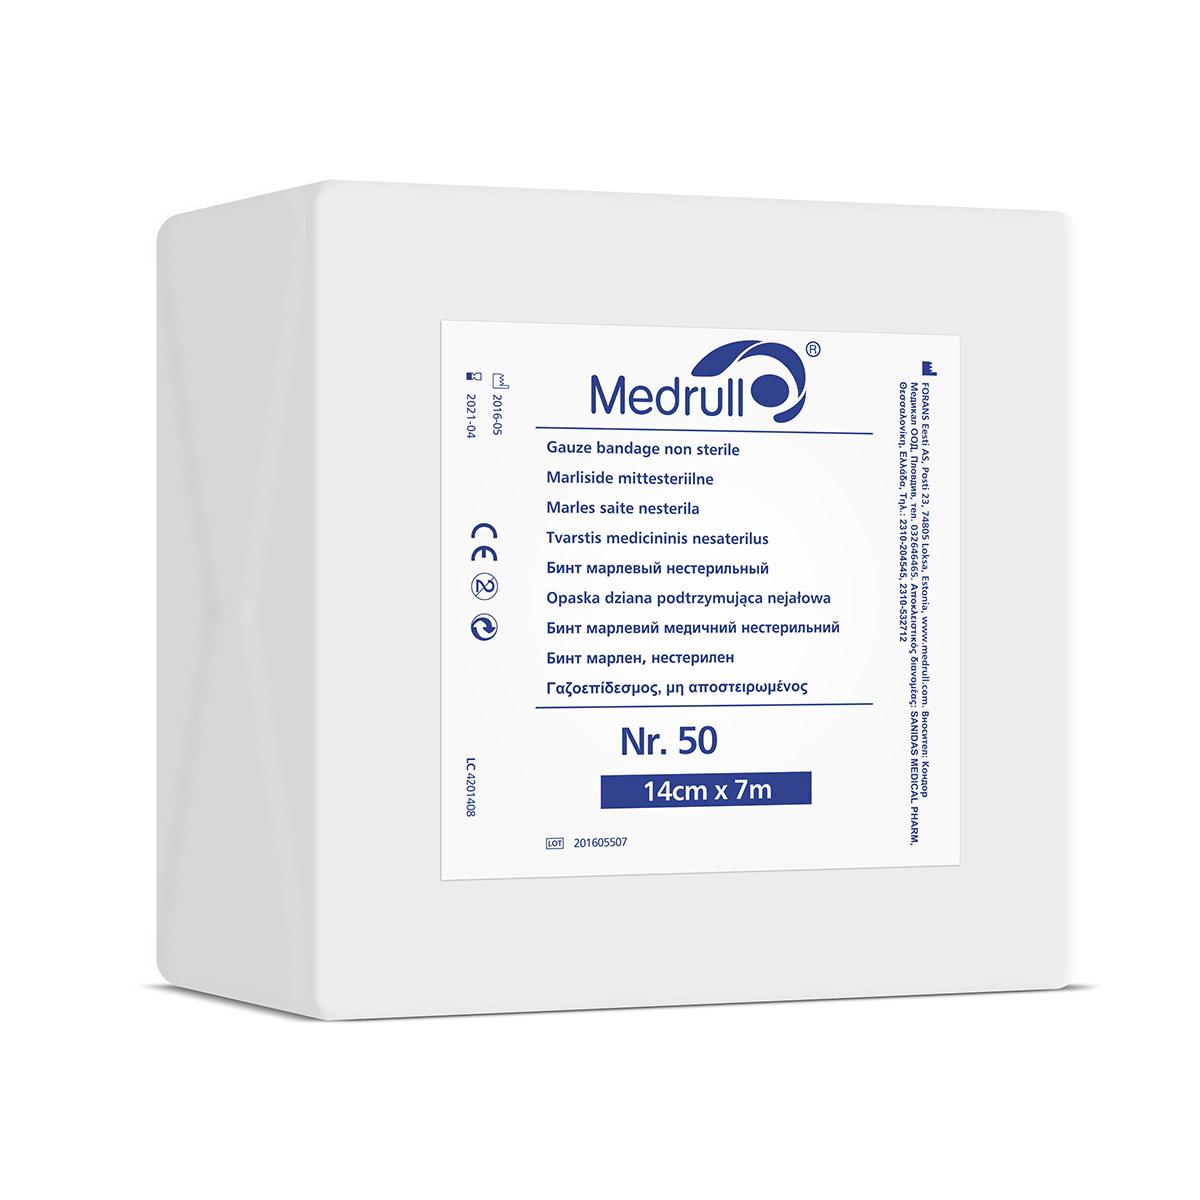 Medrull Бинт марлевый фиксирующий нестерильный, 7м х 14см, групповая упаковка № 504742225000729Марлевые бинты, нестерильные, состав 100% хлопок